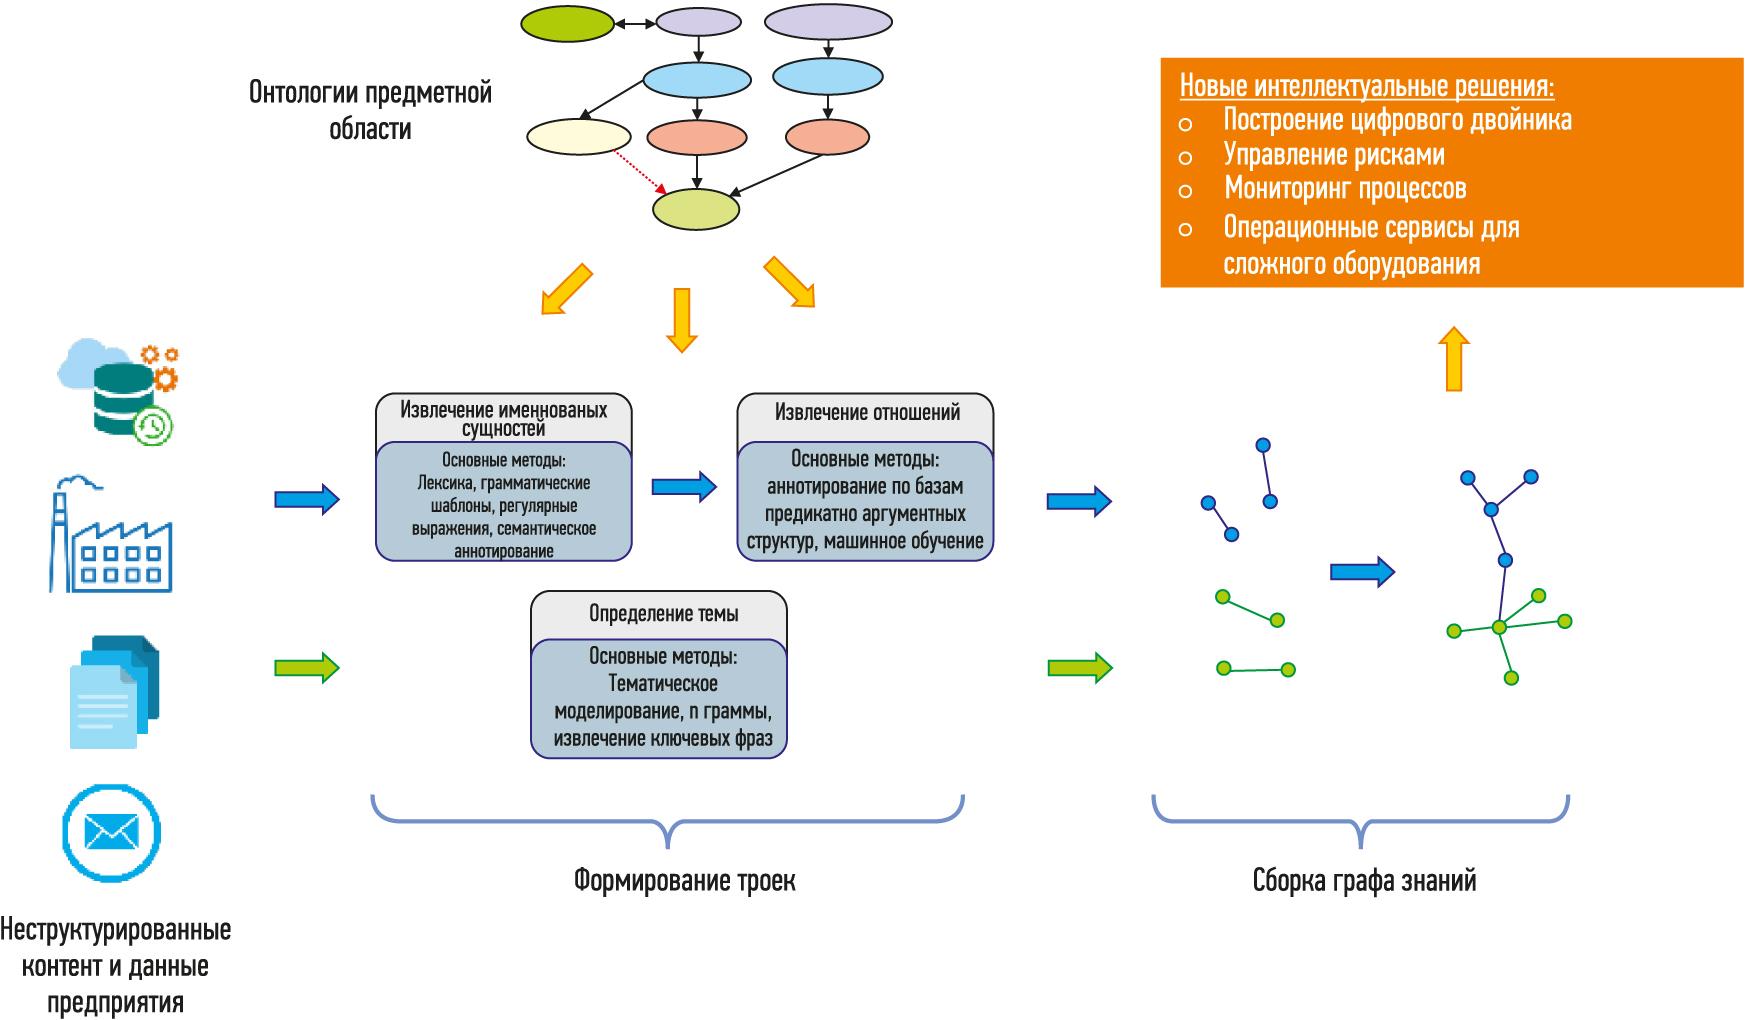 Автоматизированный процесс построения графов знаний